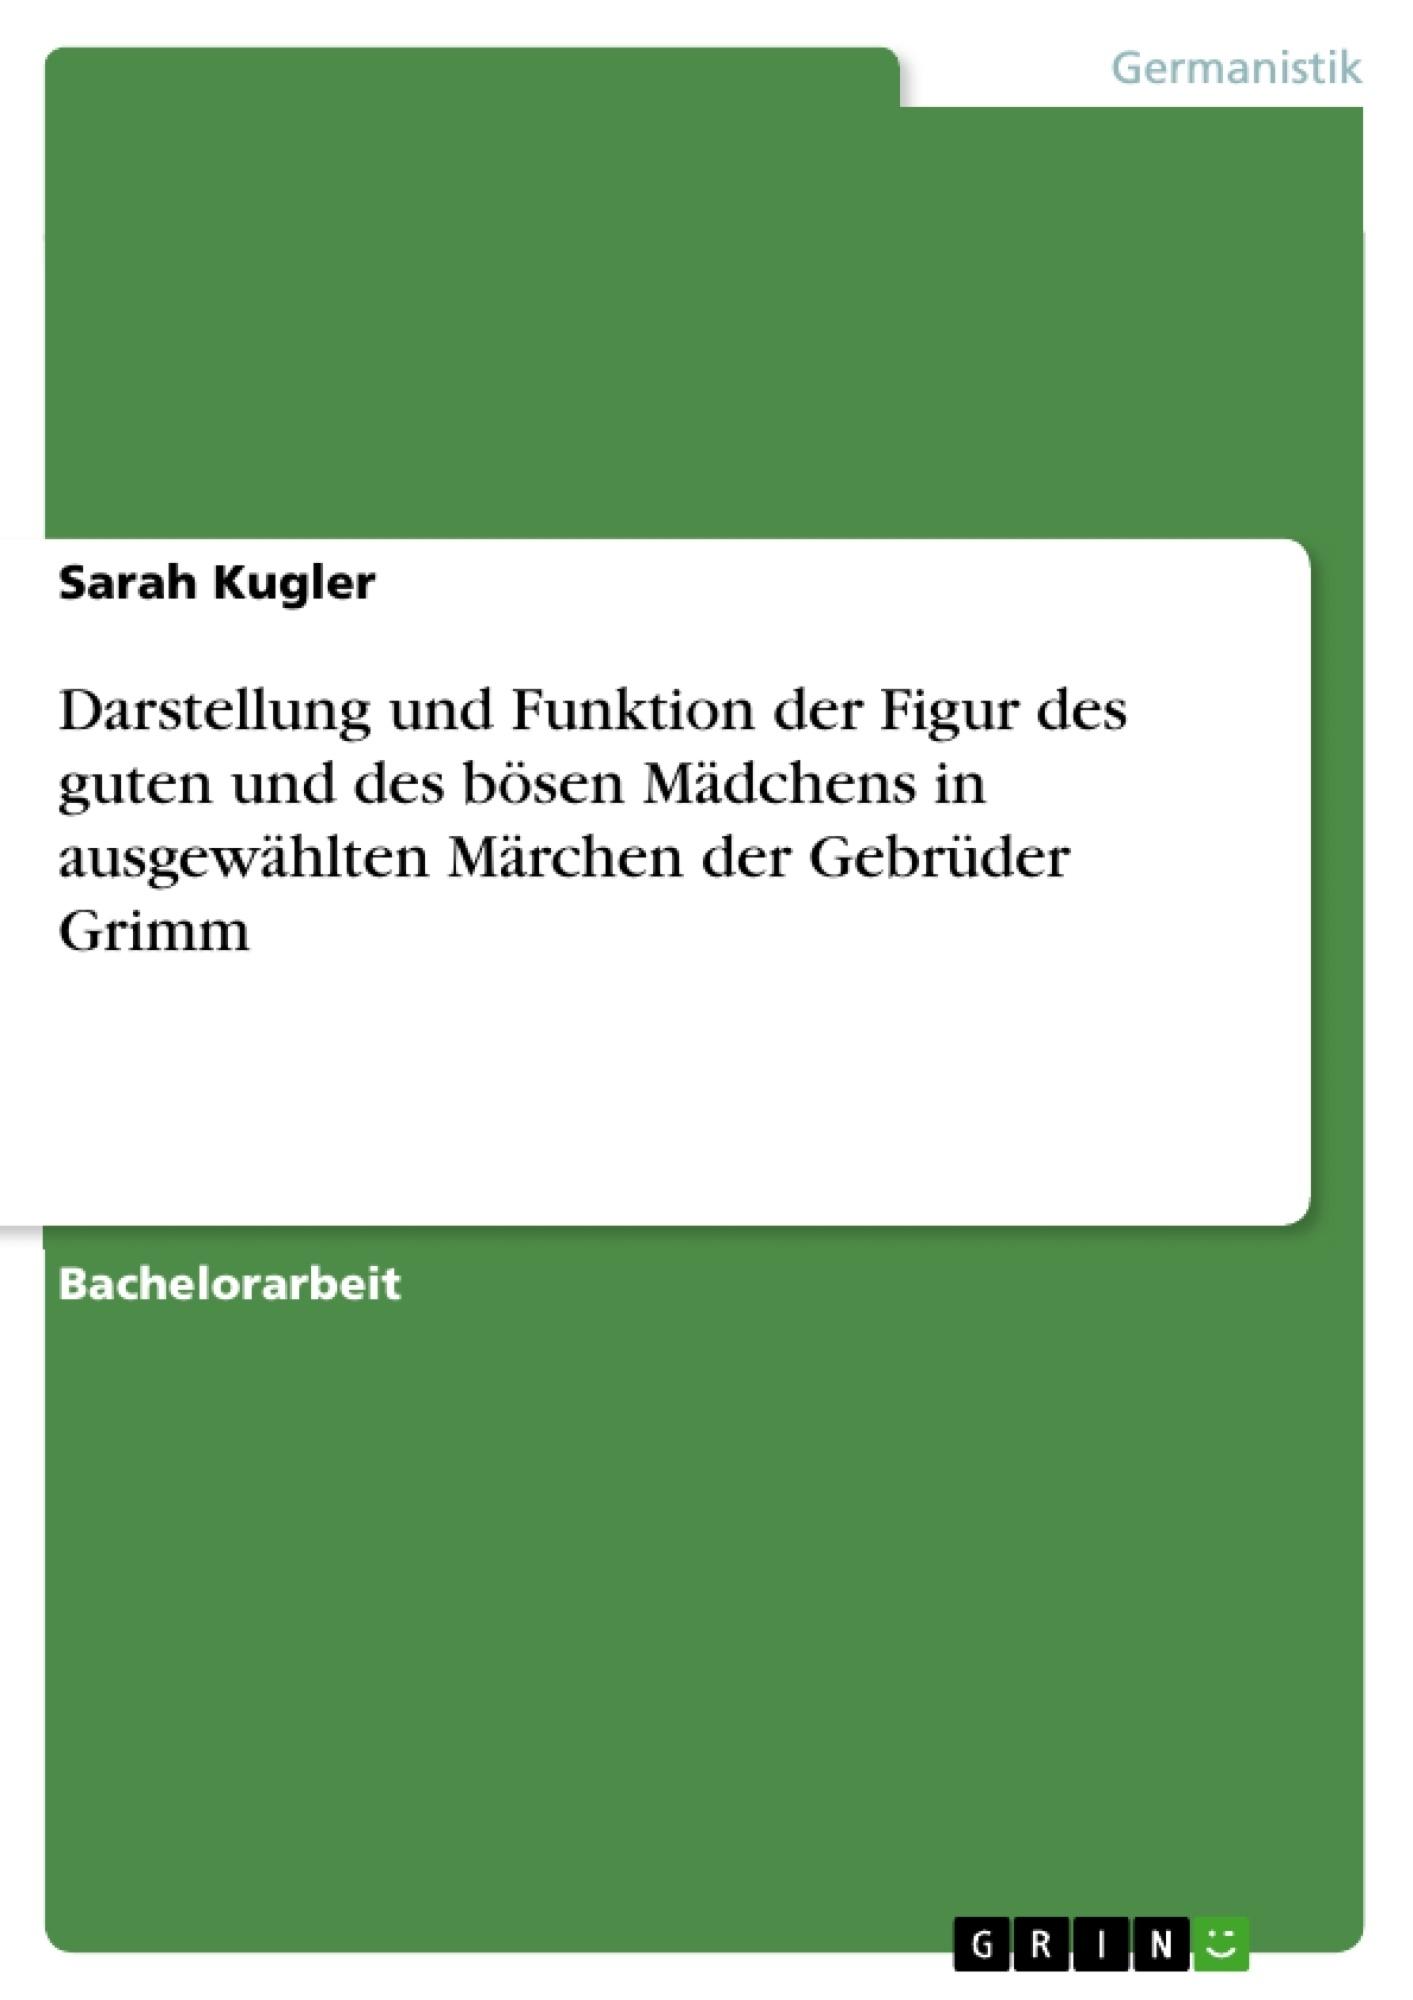 Titel: Darstellung und Funktion der Figur des guten und des bösen Mädchens in ausgewählten Märchen der Gebrüder Grimm